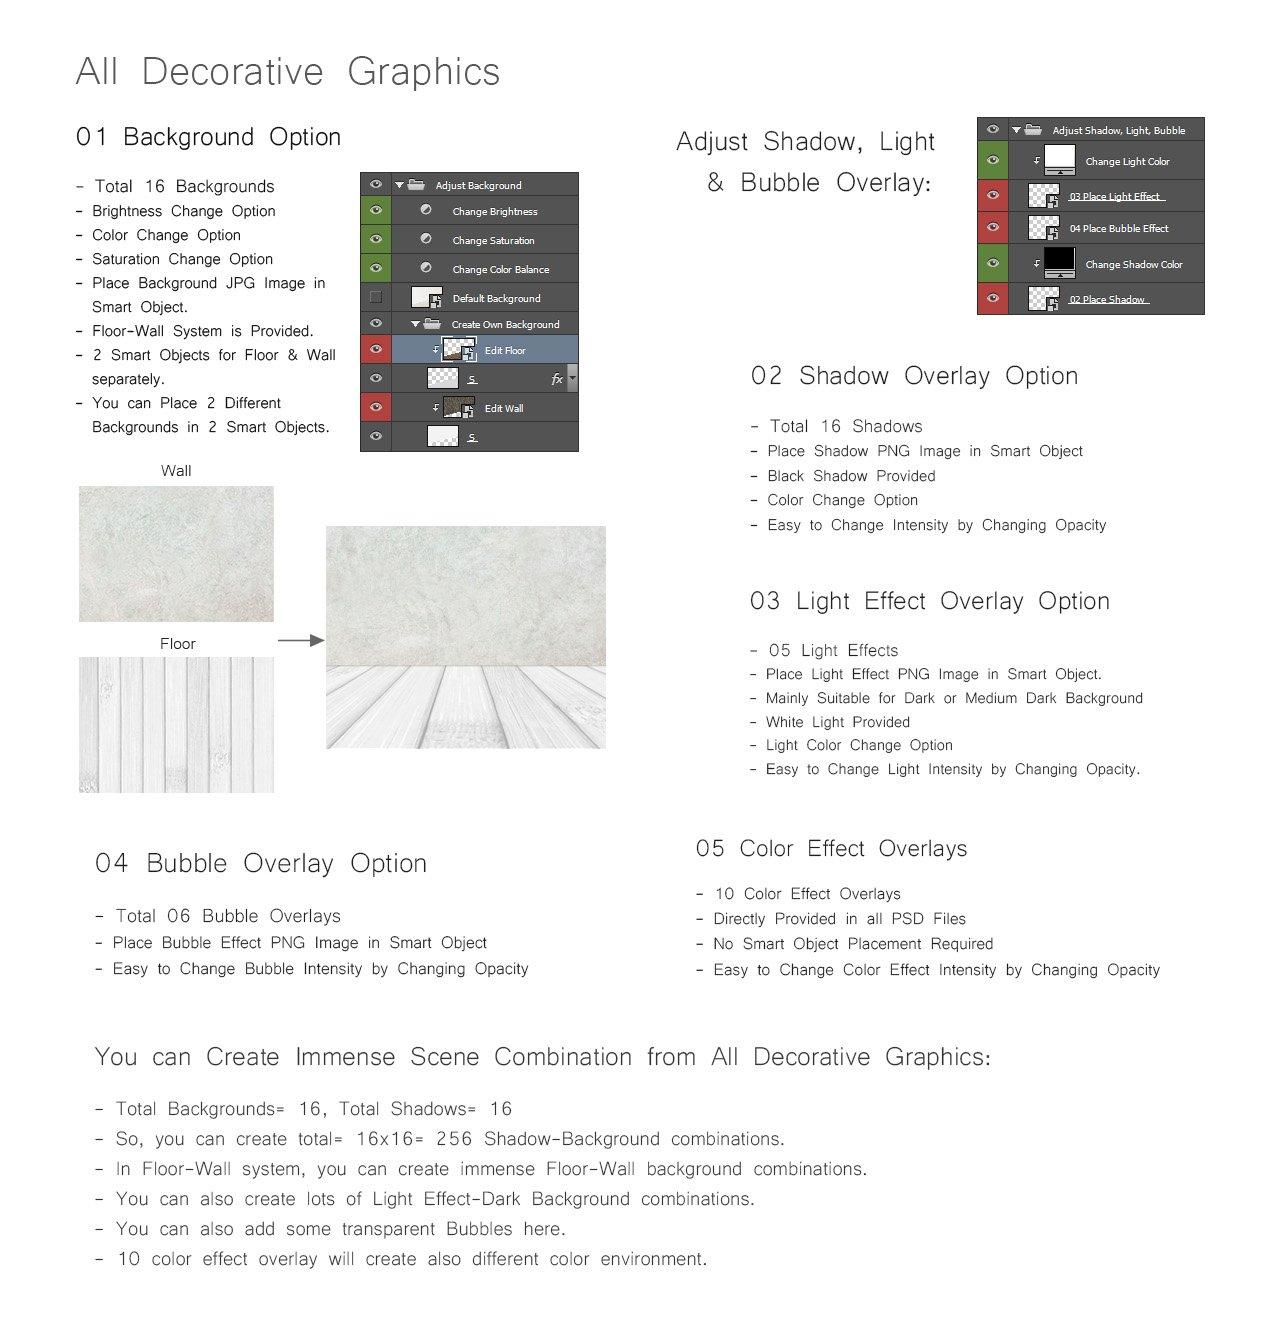 方形产品包装盒设计展示贴图样机模板 Product Box Mock-Up 09插图3